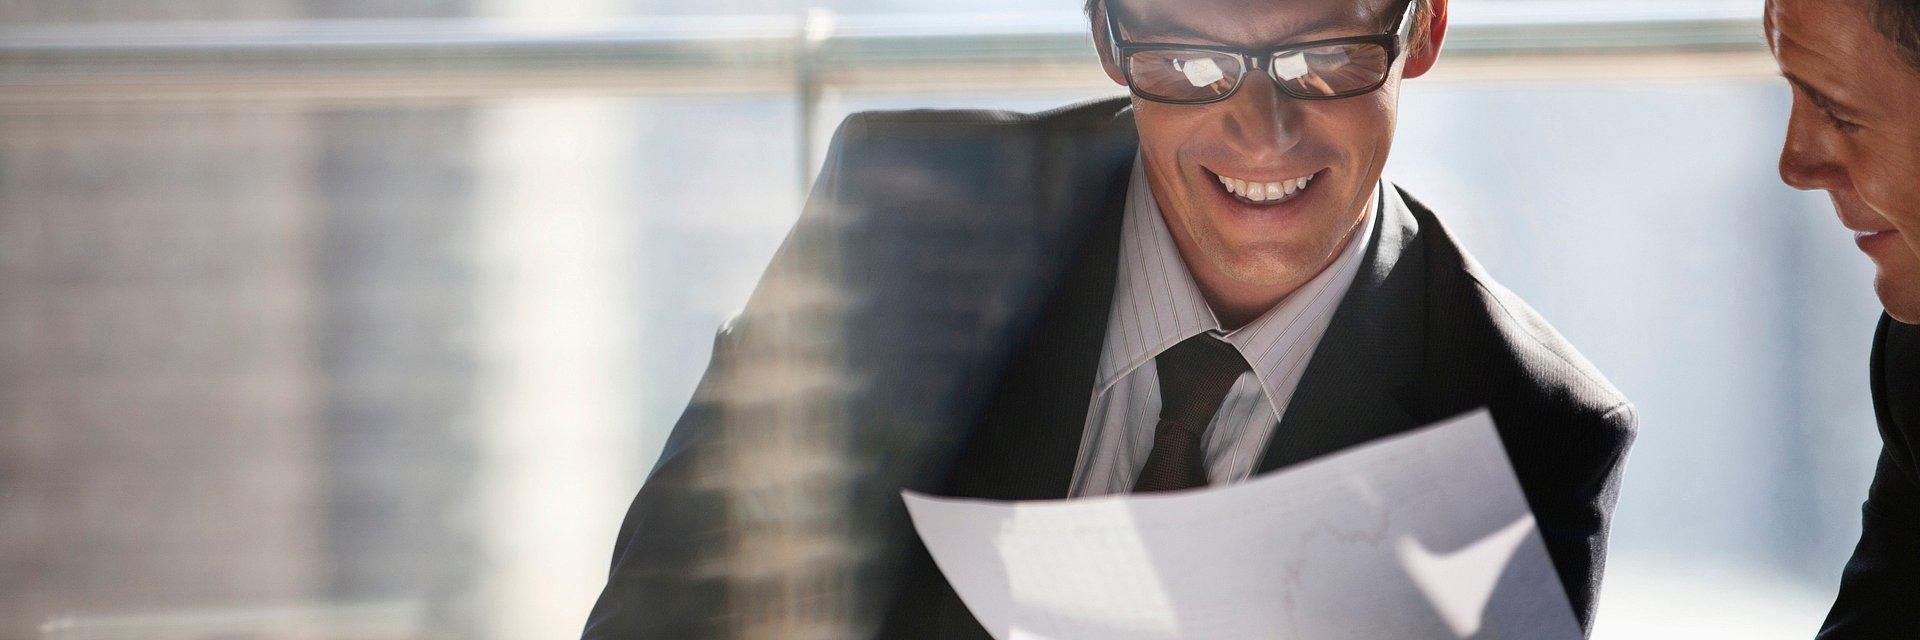 15 proc. firm 250+ poprowadzi PPK z Nationale-Nederlanden